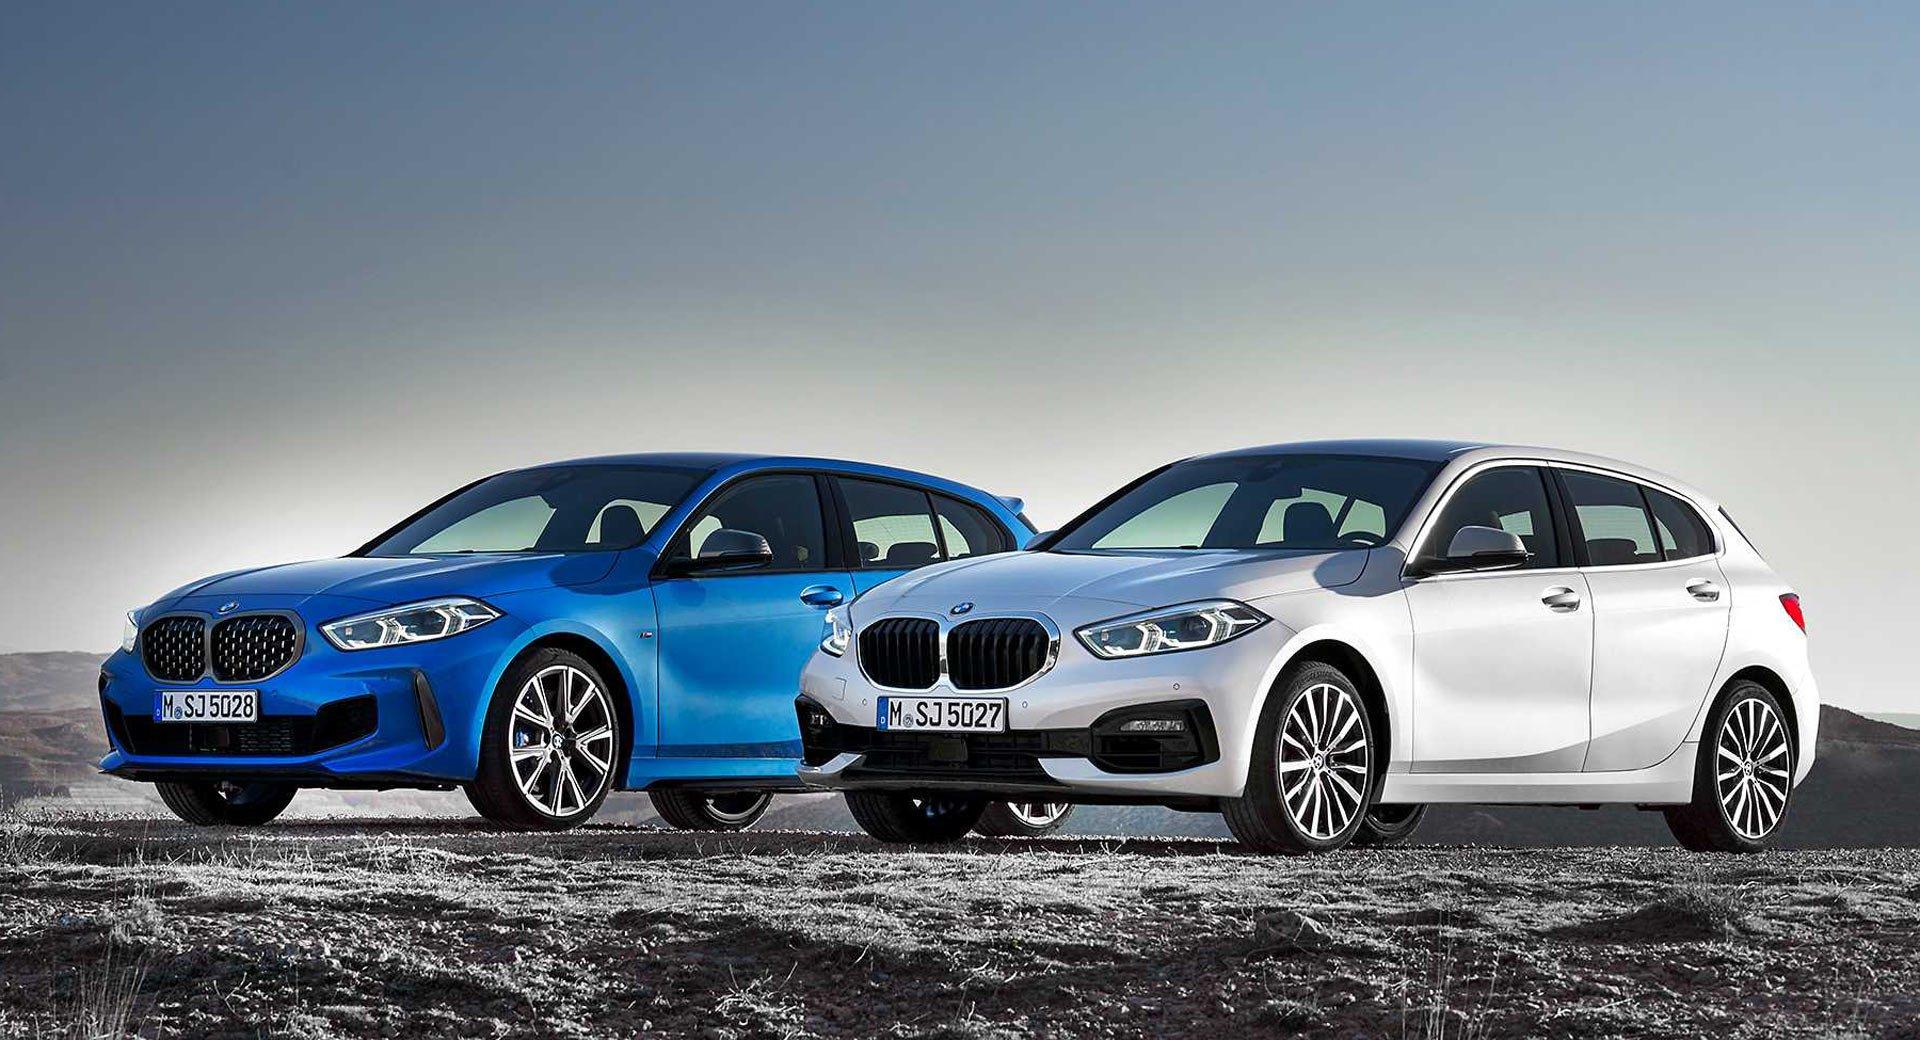 BMW 1 Series thế hệ mới, chiếc hatchback cỡ nhỏ chất không kém đàn anh X2 11